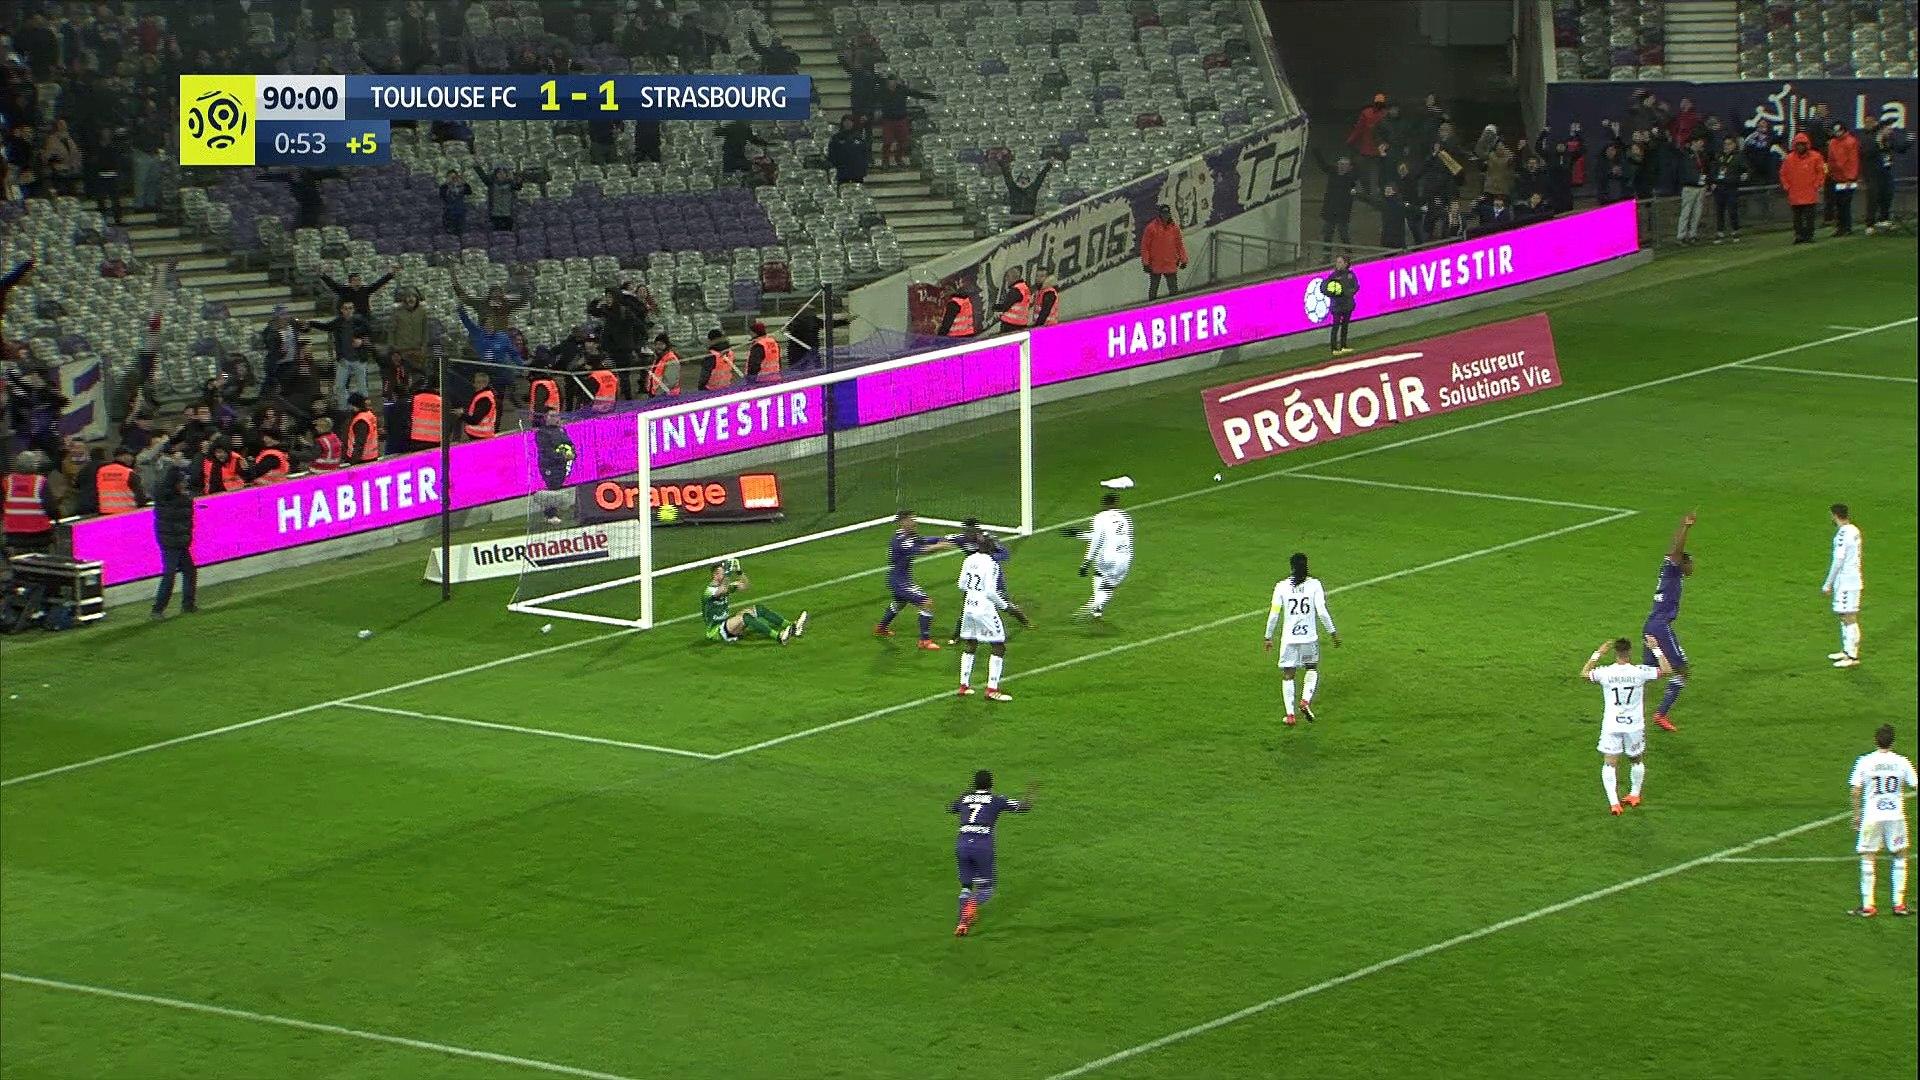 Le TFC prend l'avantage contre Strasbourg grâce à Sanogo